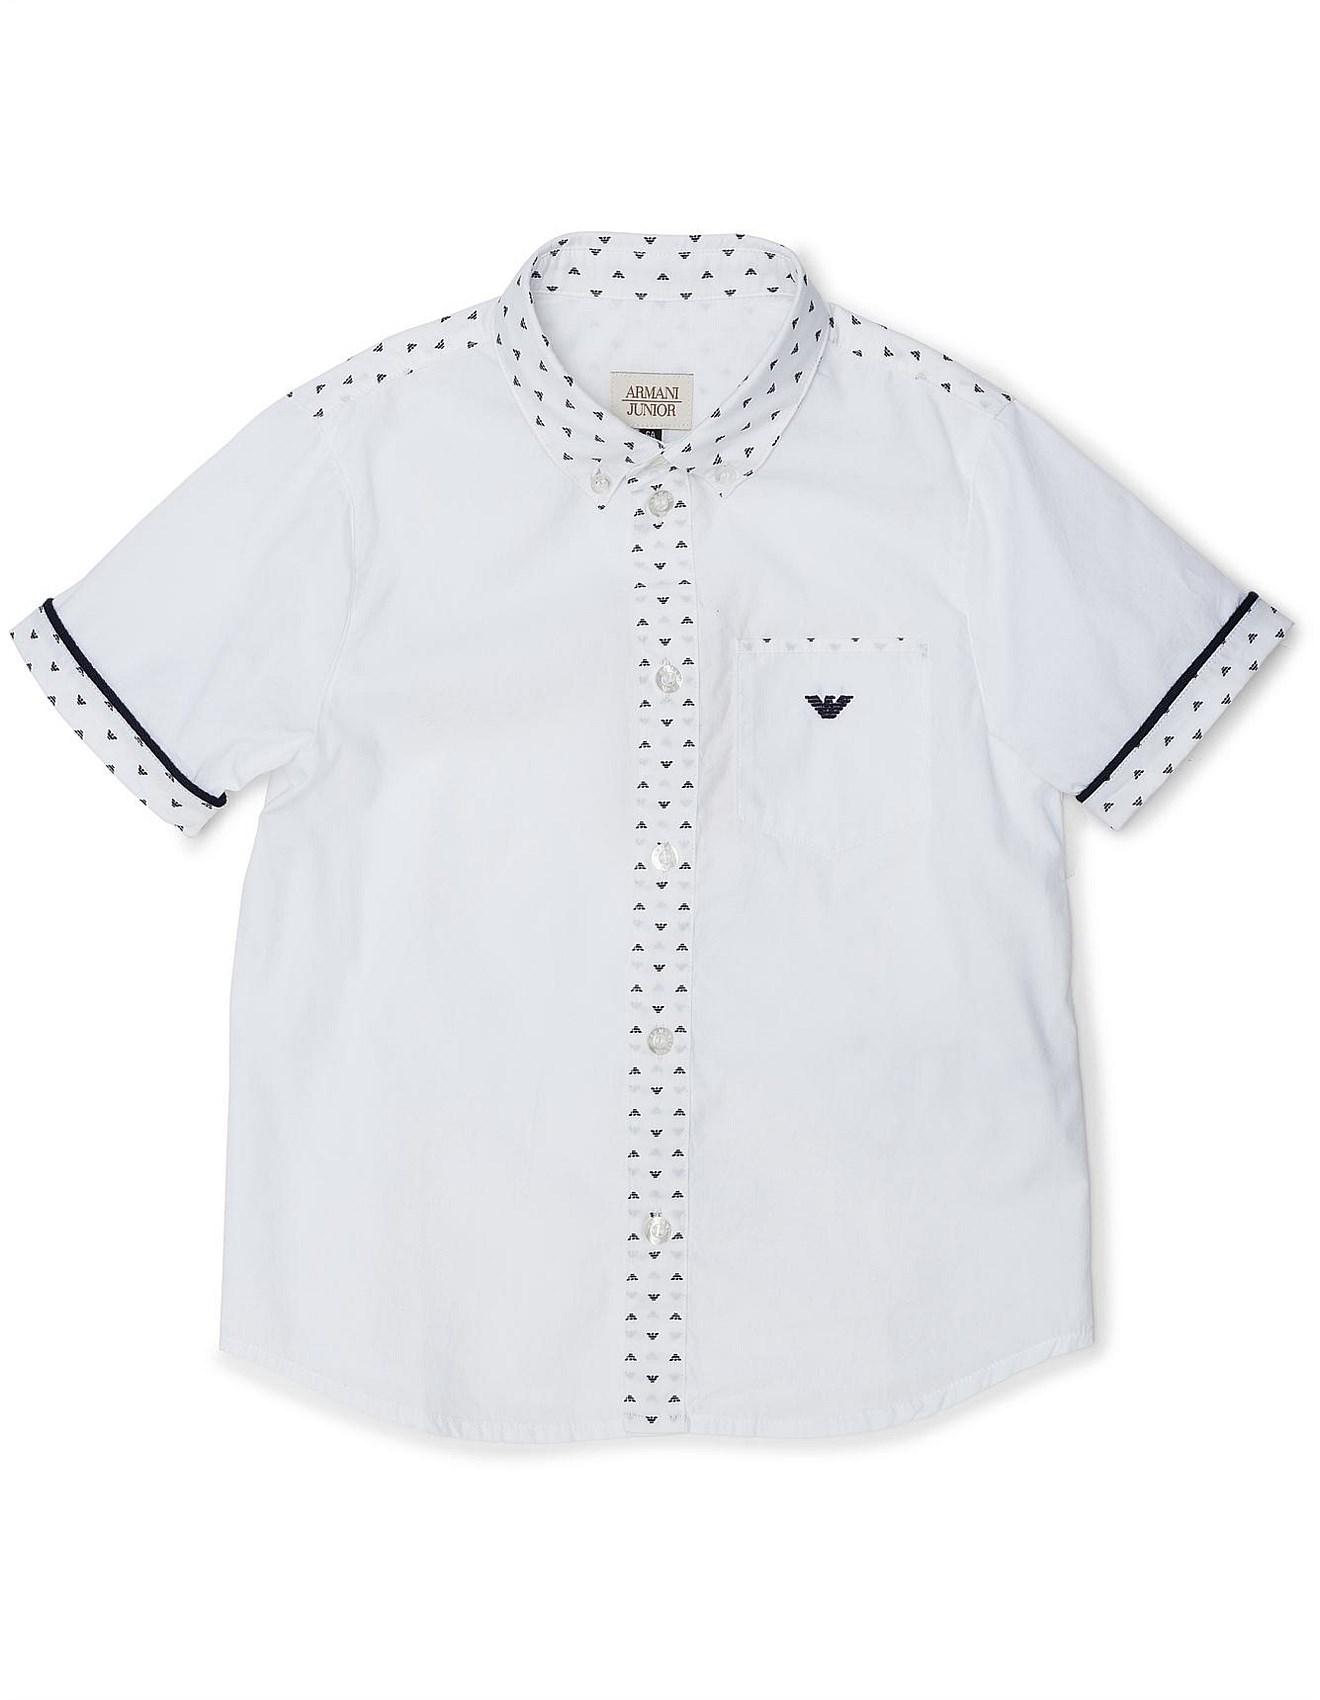 b9a034a83 Boy's Tops & T-Shirts | Buy Kids Tops Online | David Jones - CAMICIA ...